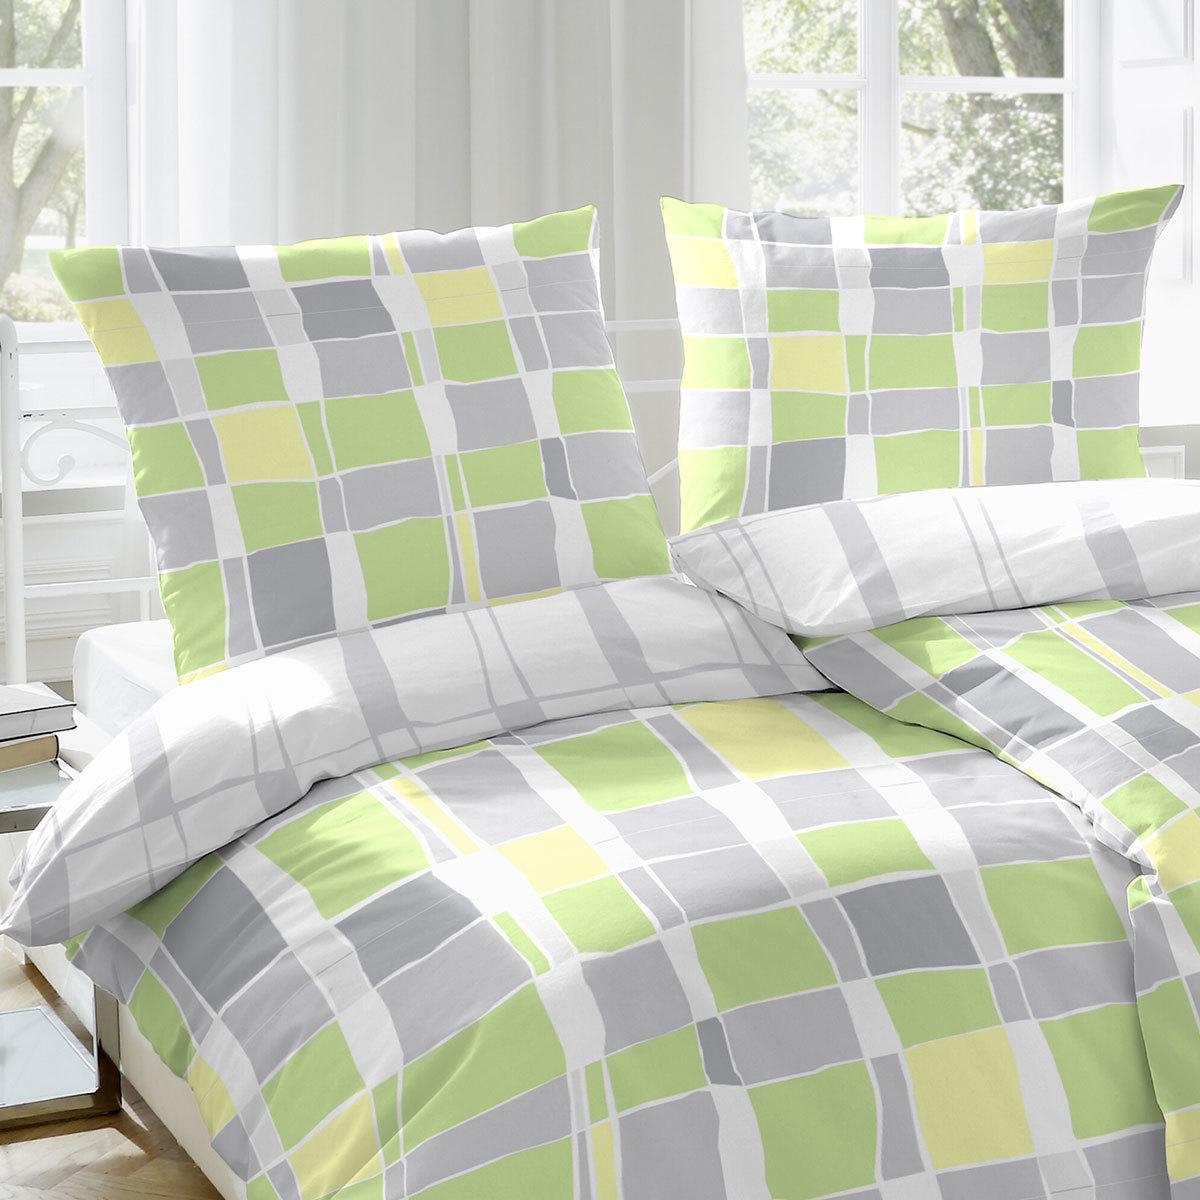 enrico coss bettw sche graphic gr n g nstig online kaufen. Black Bedroom Furniture Sets. Home Design Ideas